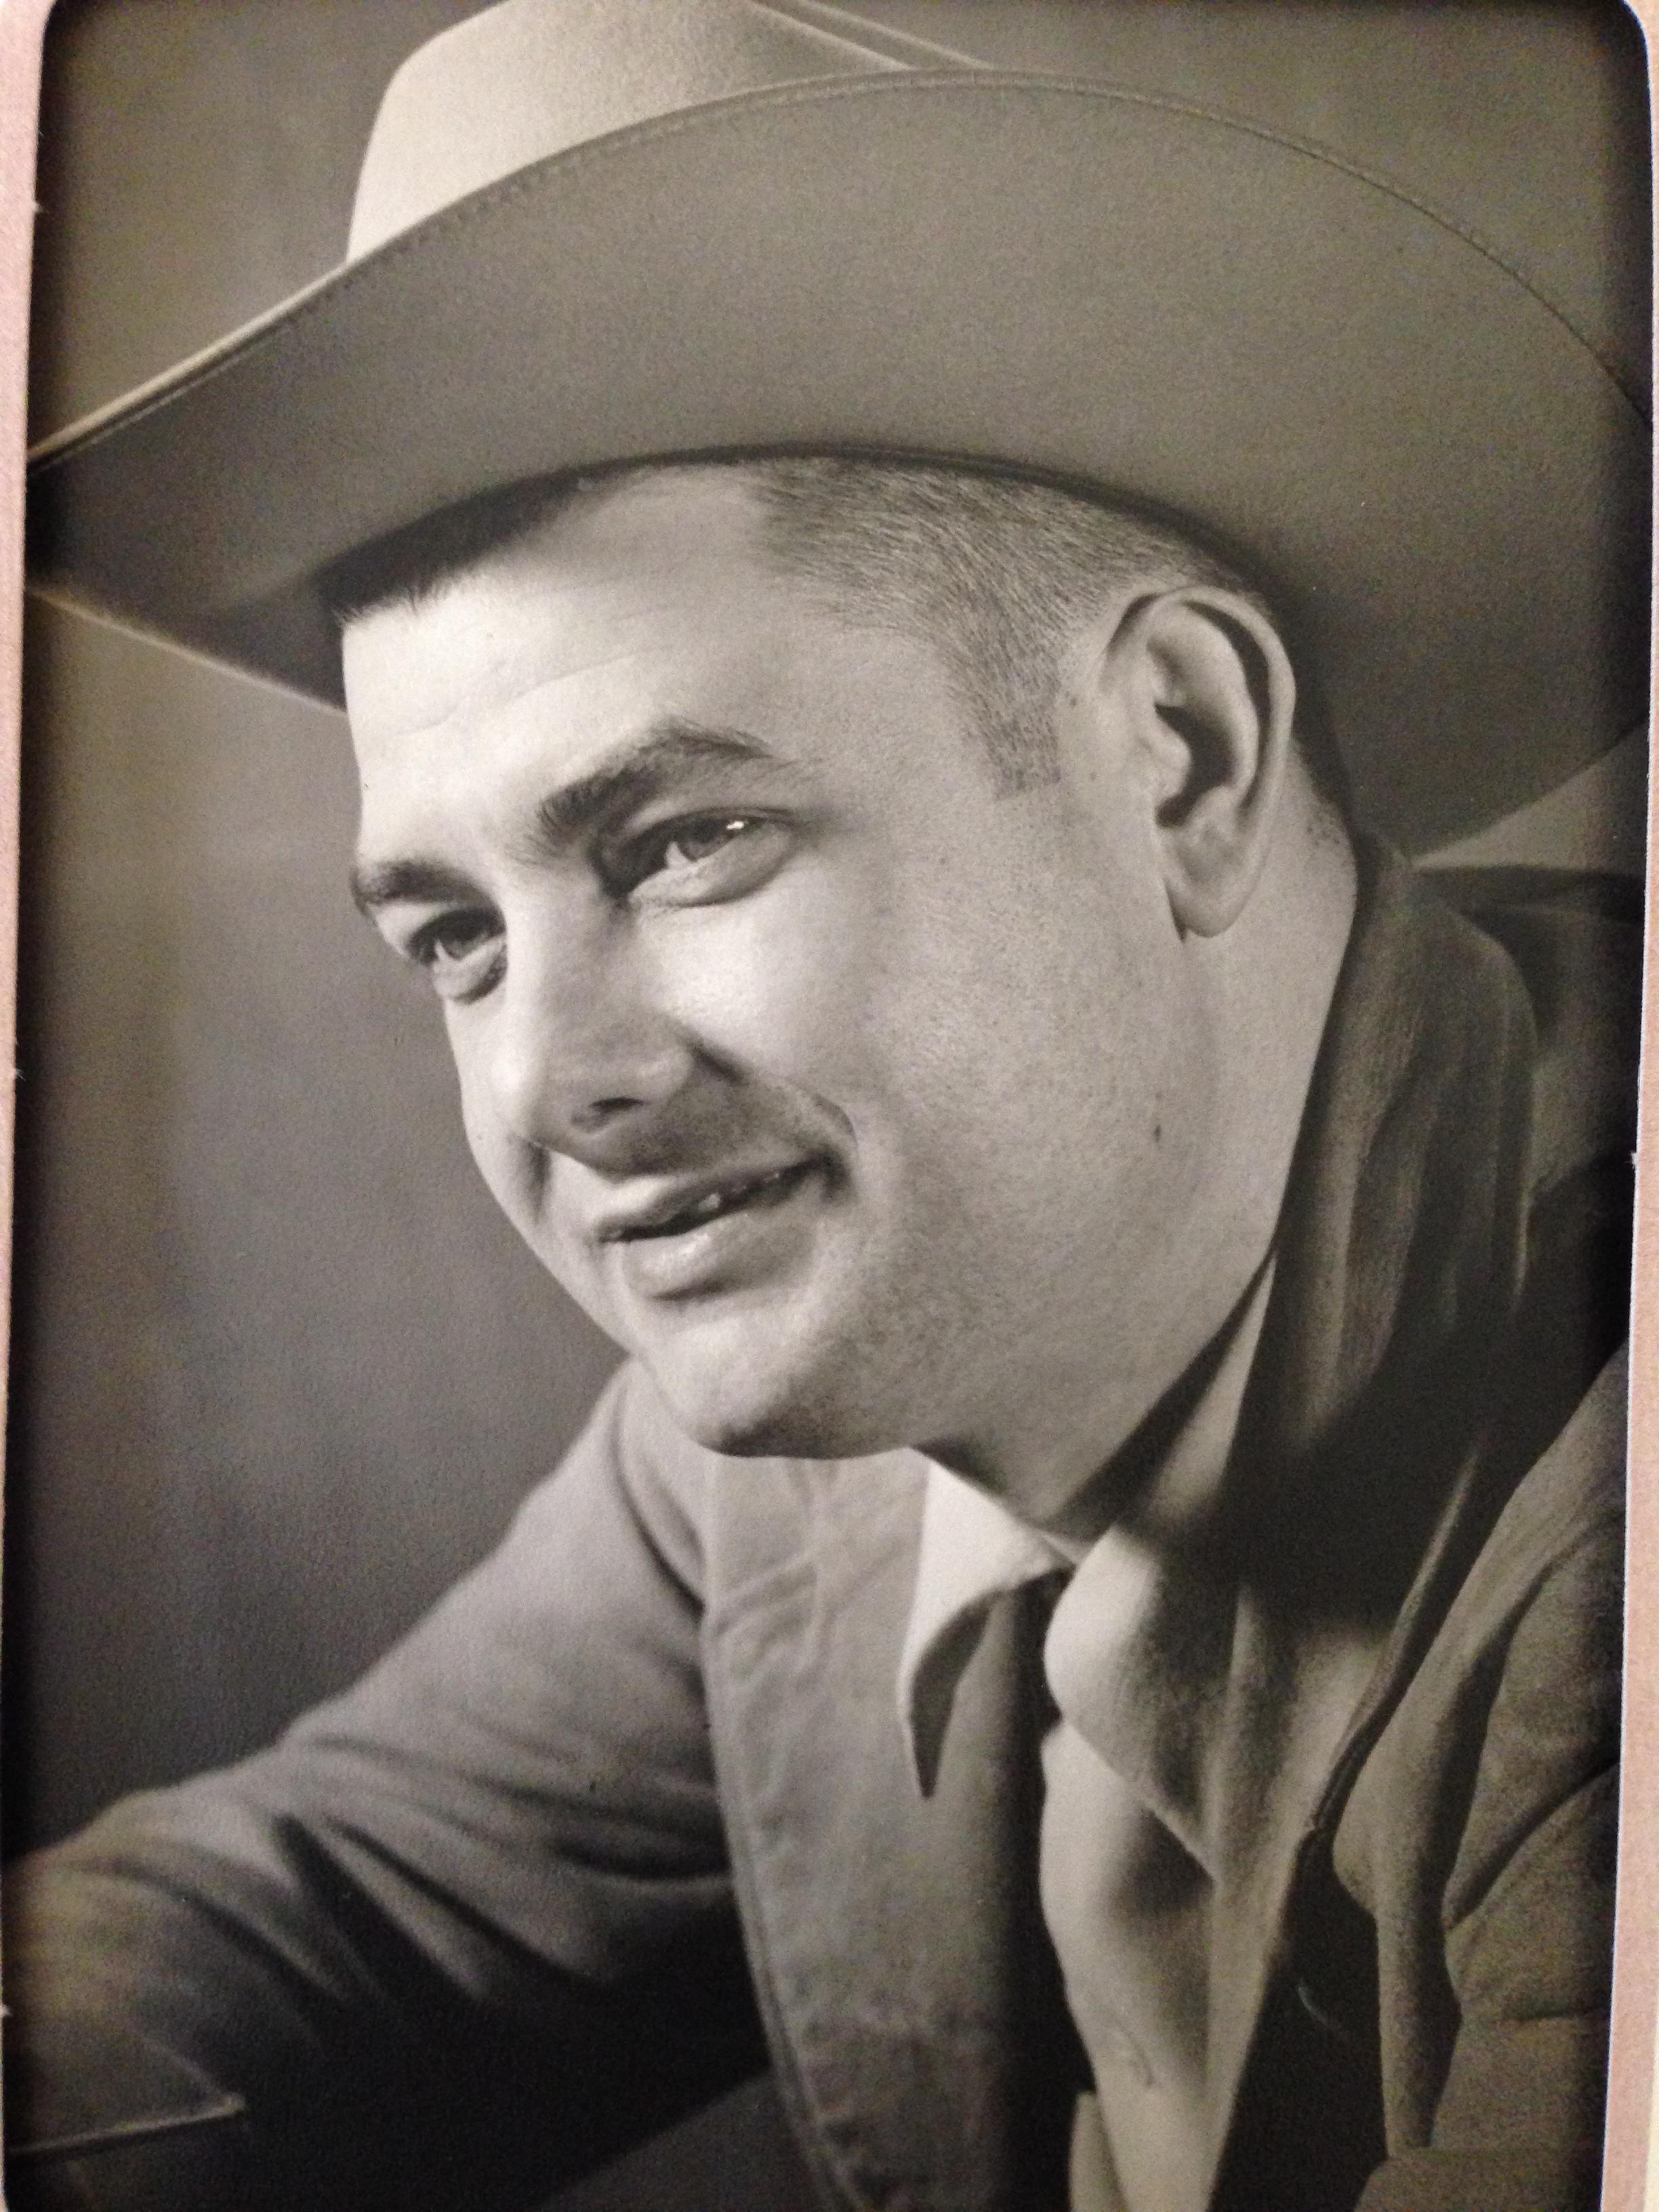 Farmer Bob in earlier years